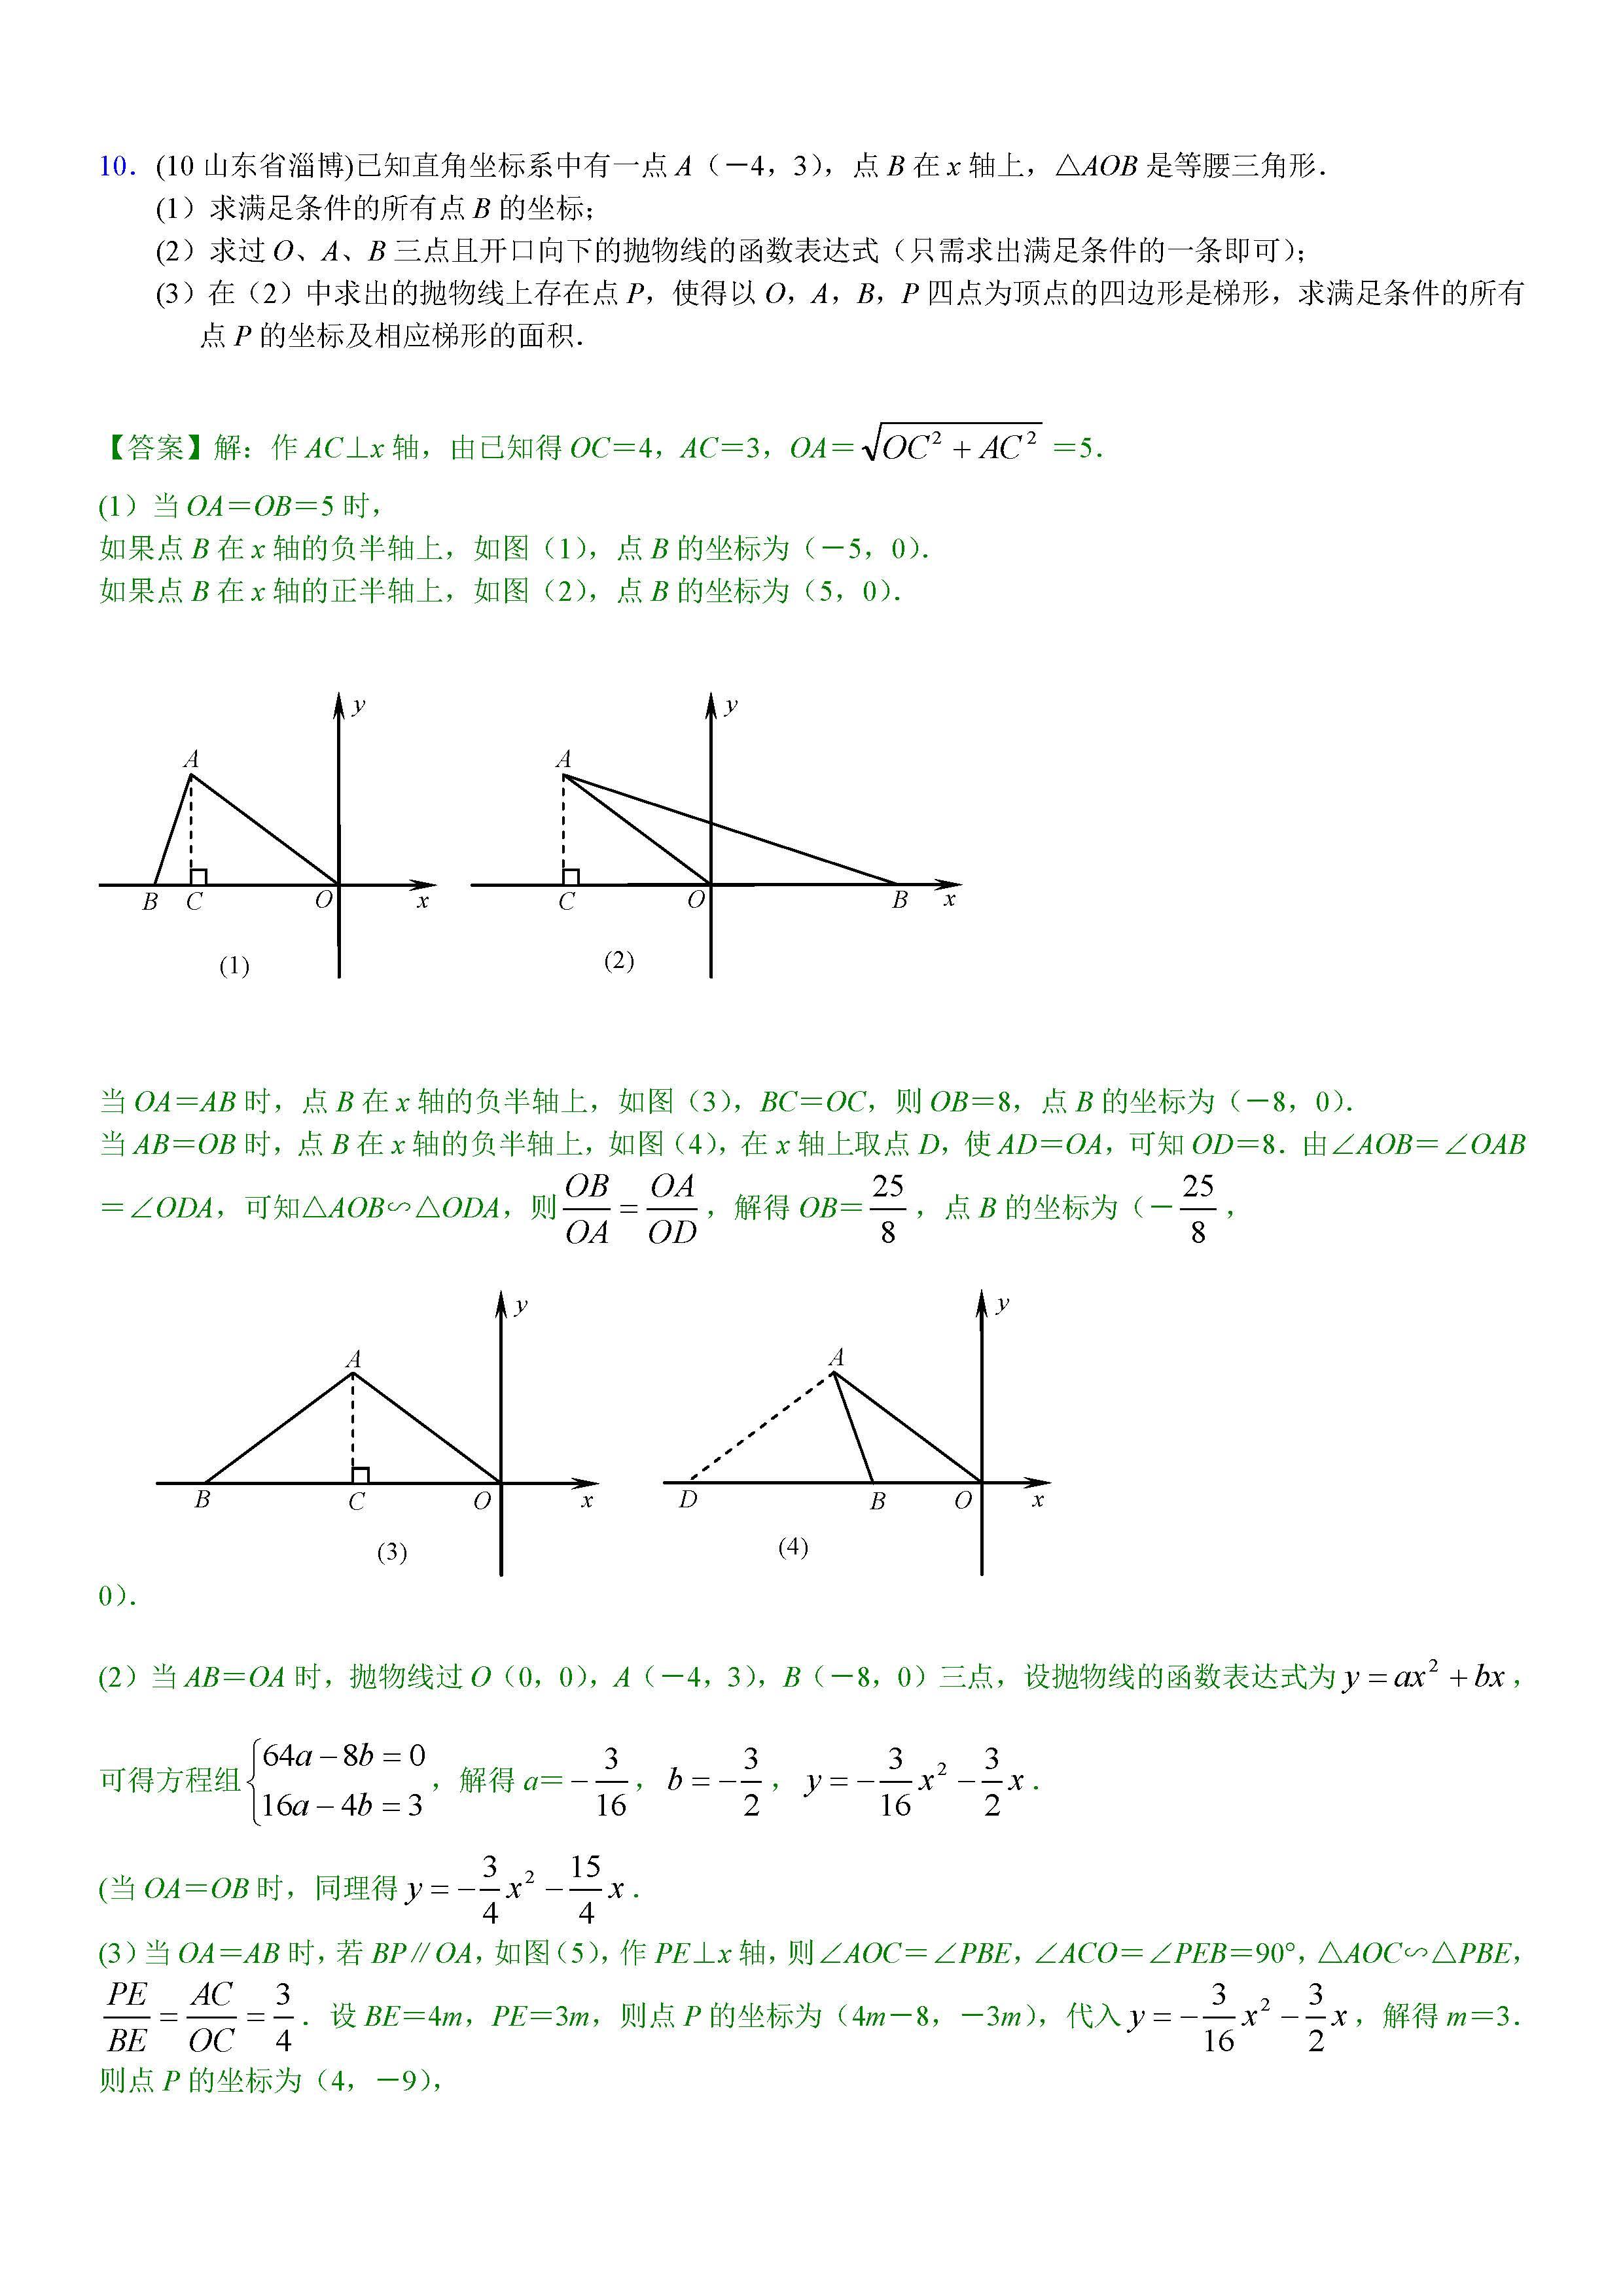 中考数学压轴题之二次函数综合计算题精选(十)